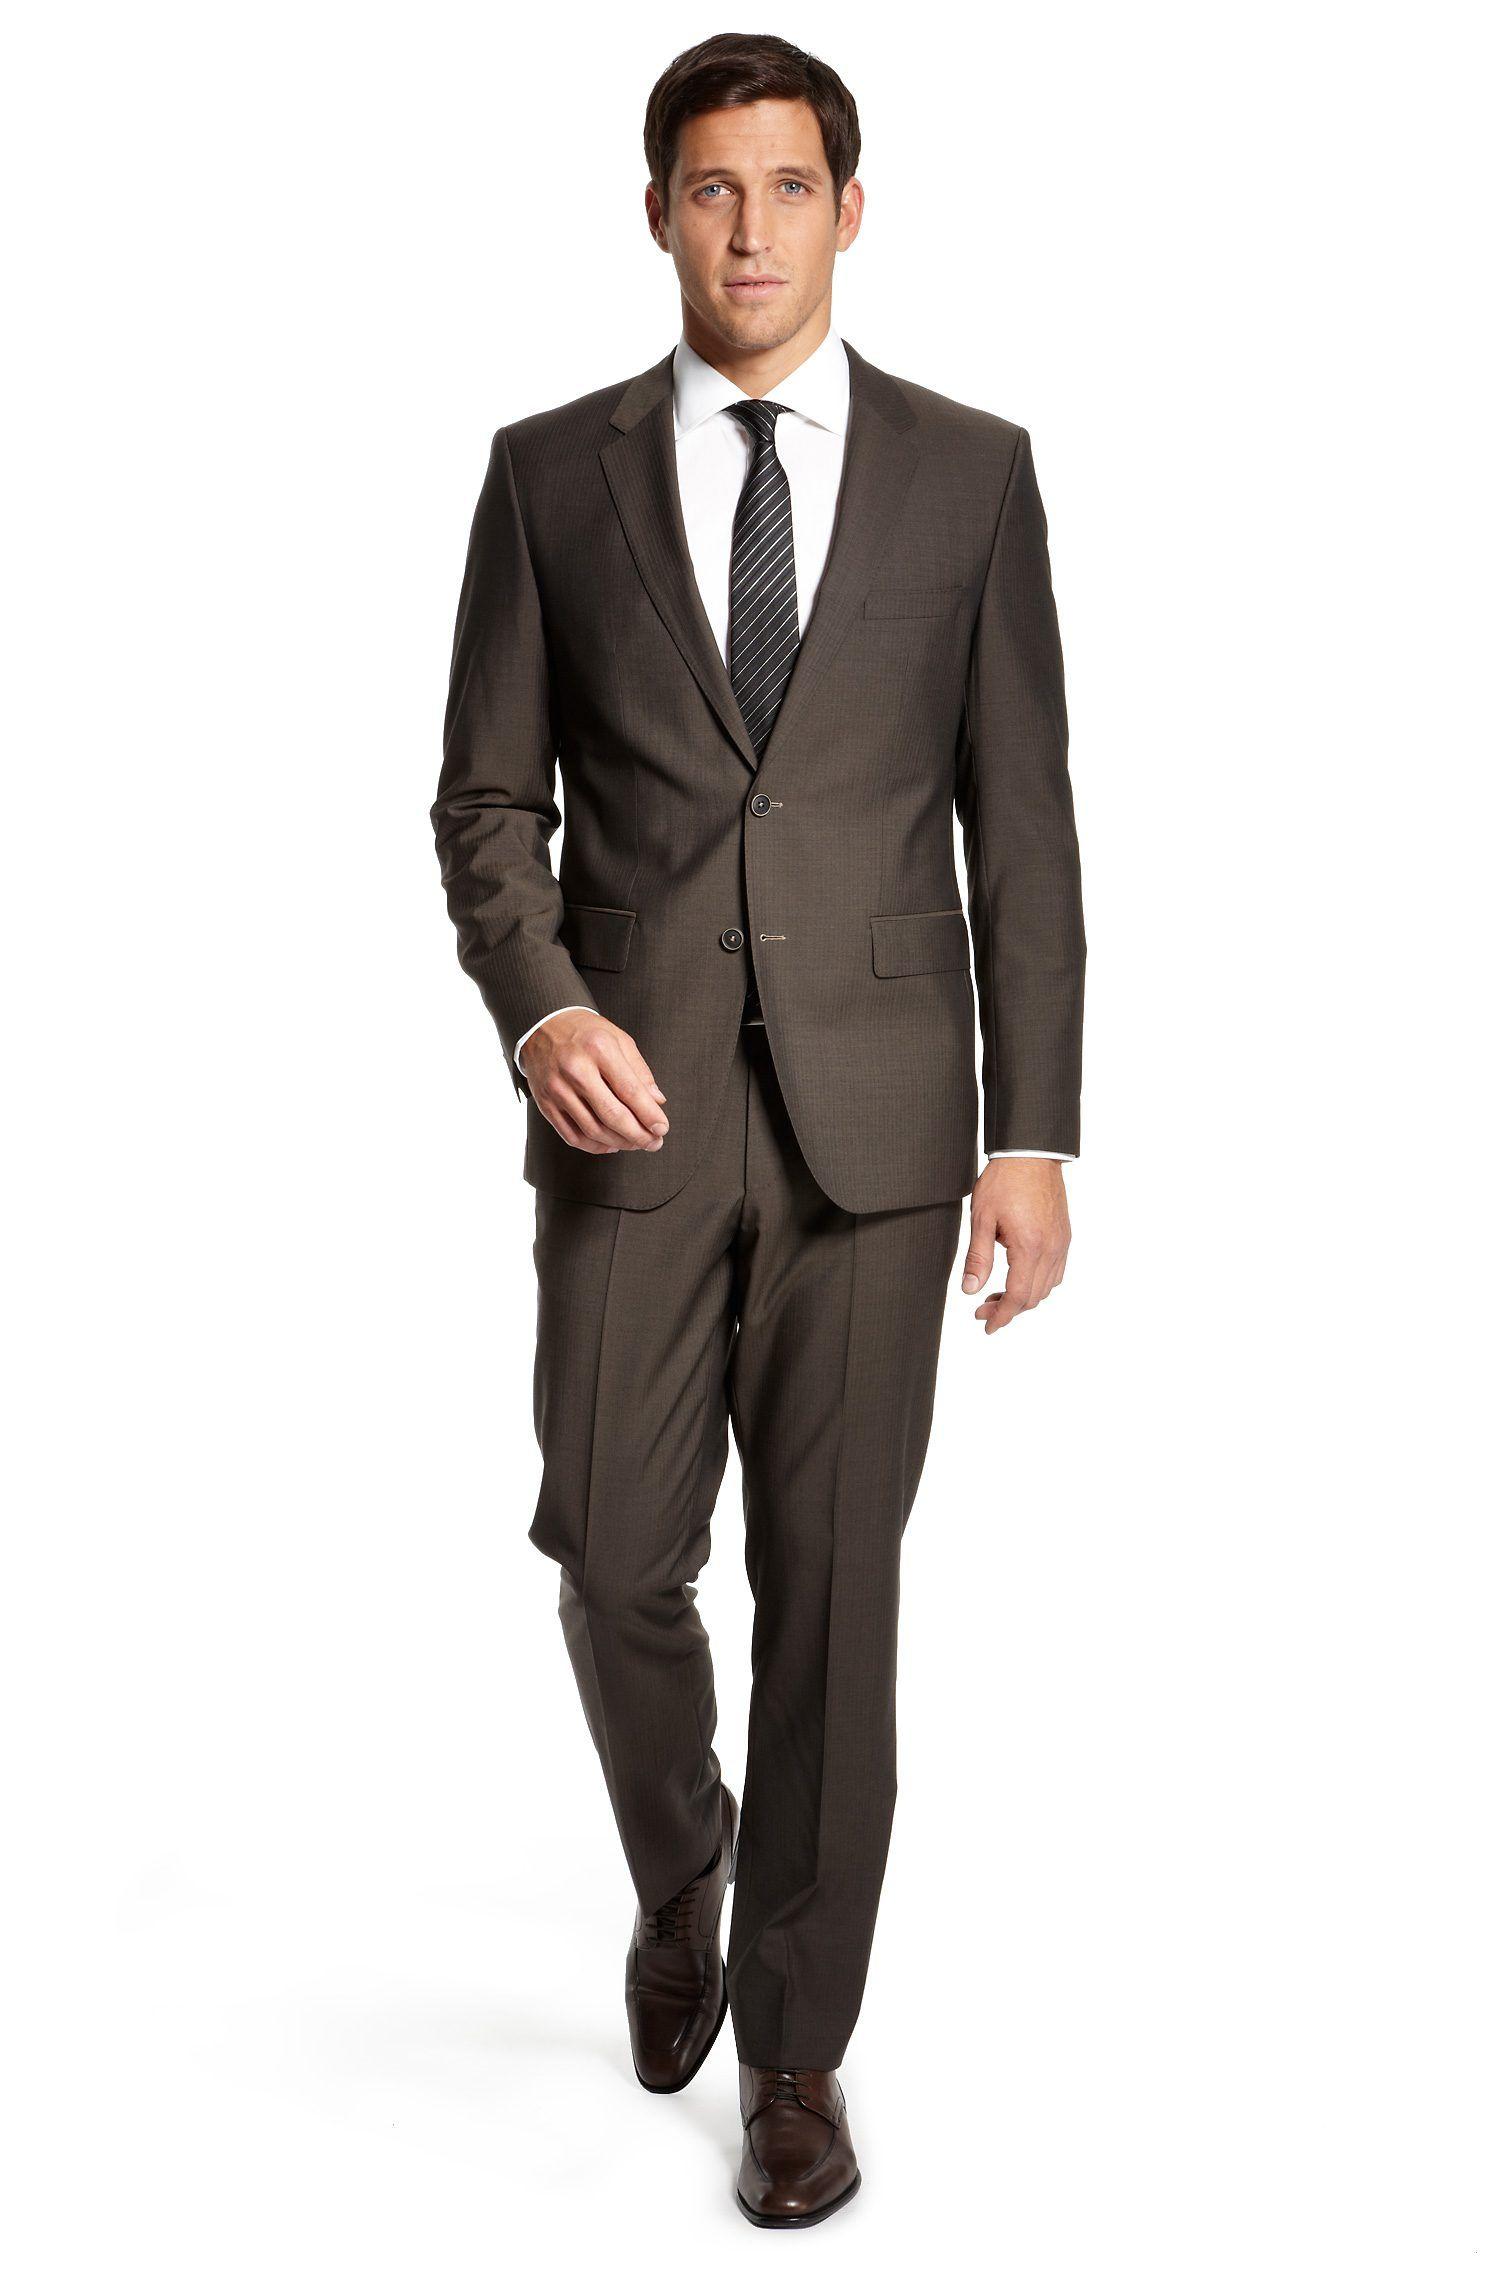 Slim Suits 2017 Wonderful tuxedo Boys 7855slide.jpg   CHESTI DE ...